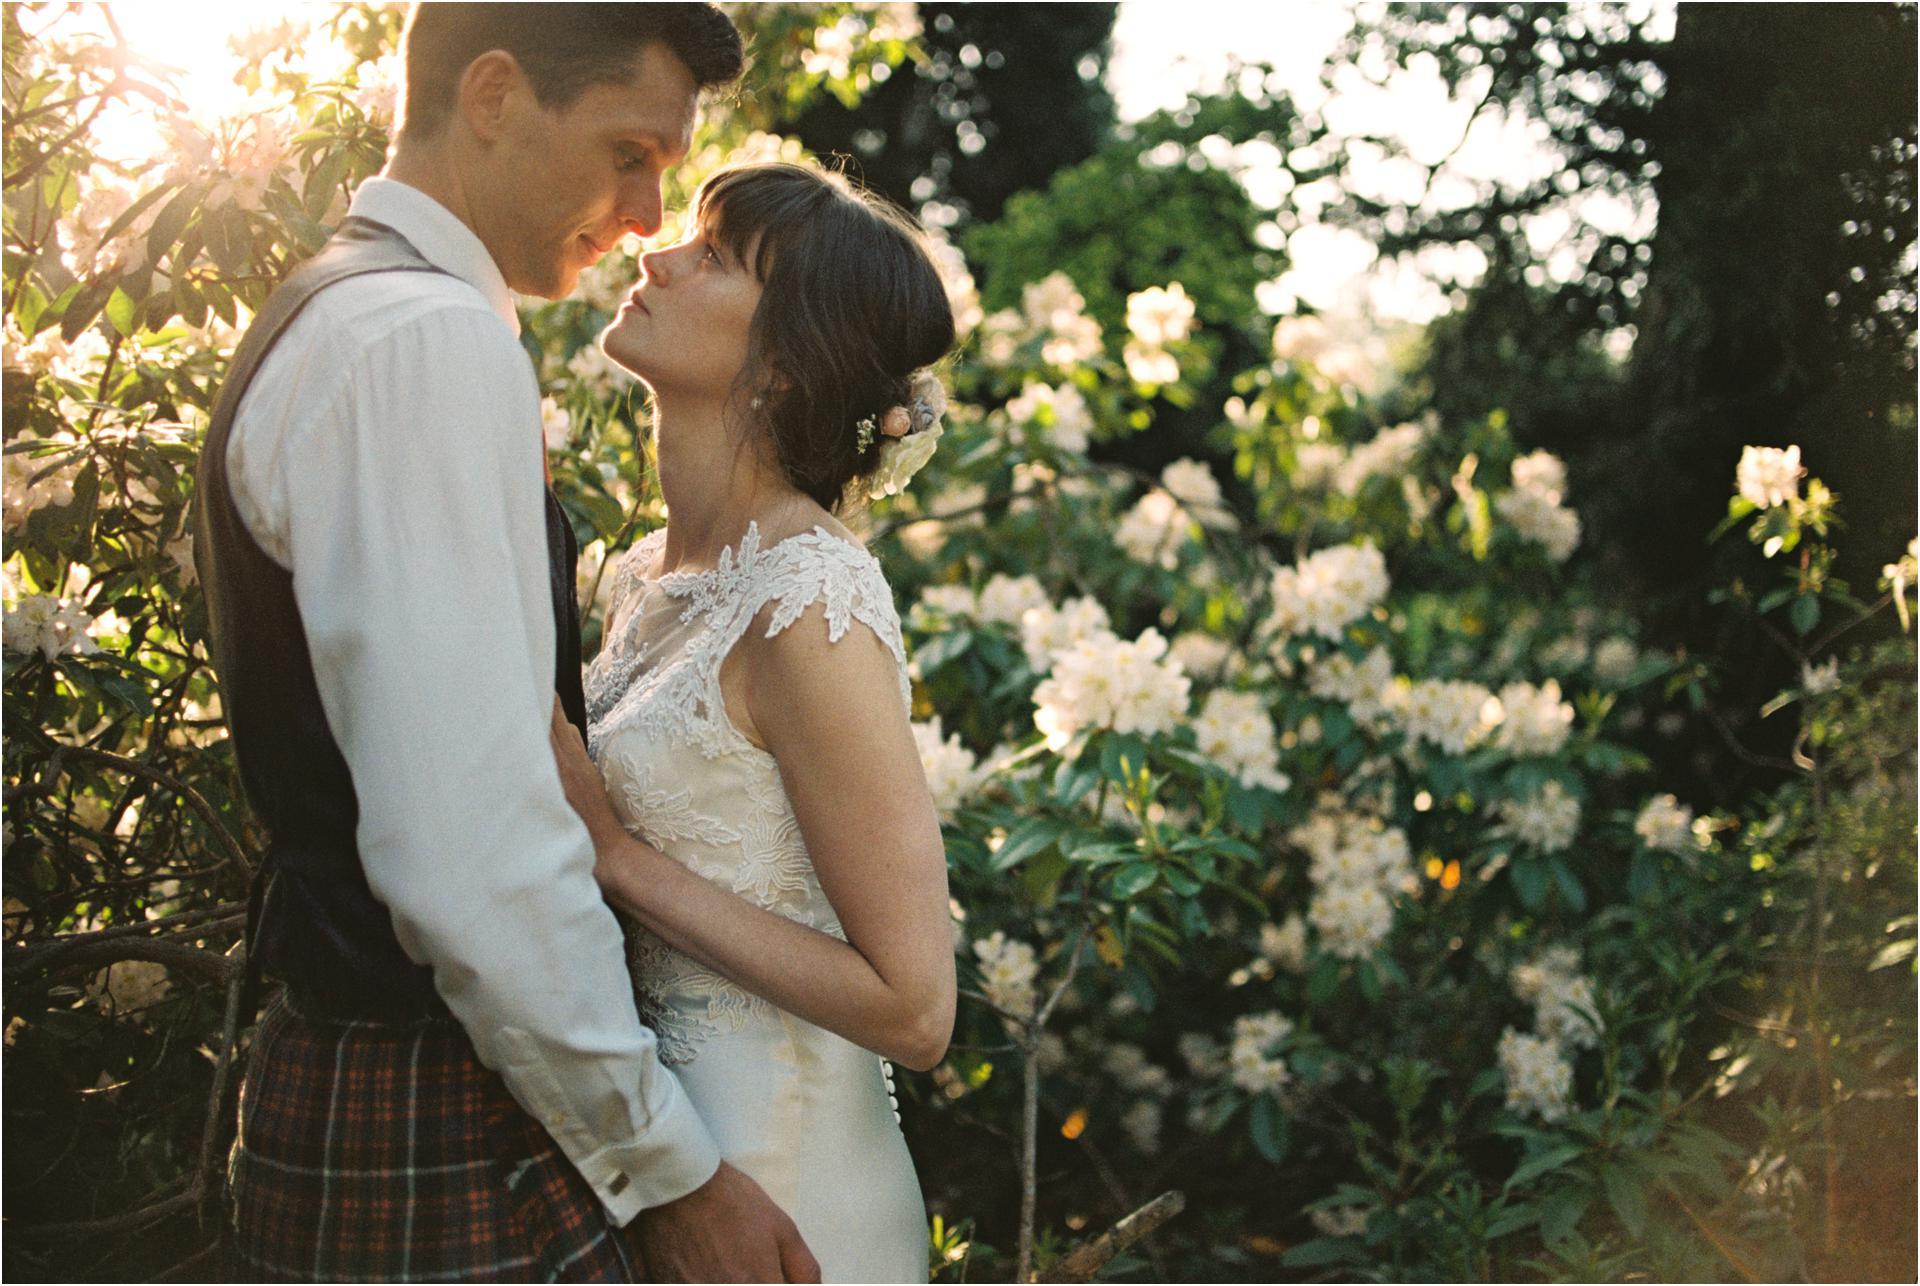 weddingsonfilmphotosbyzoe57